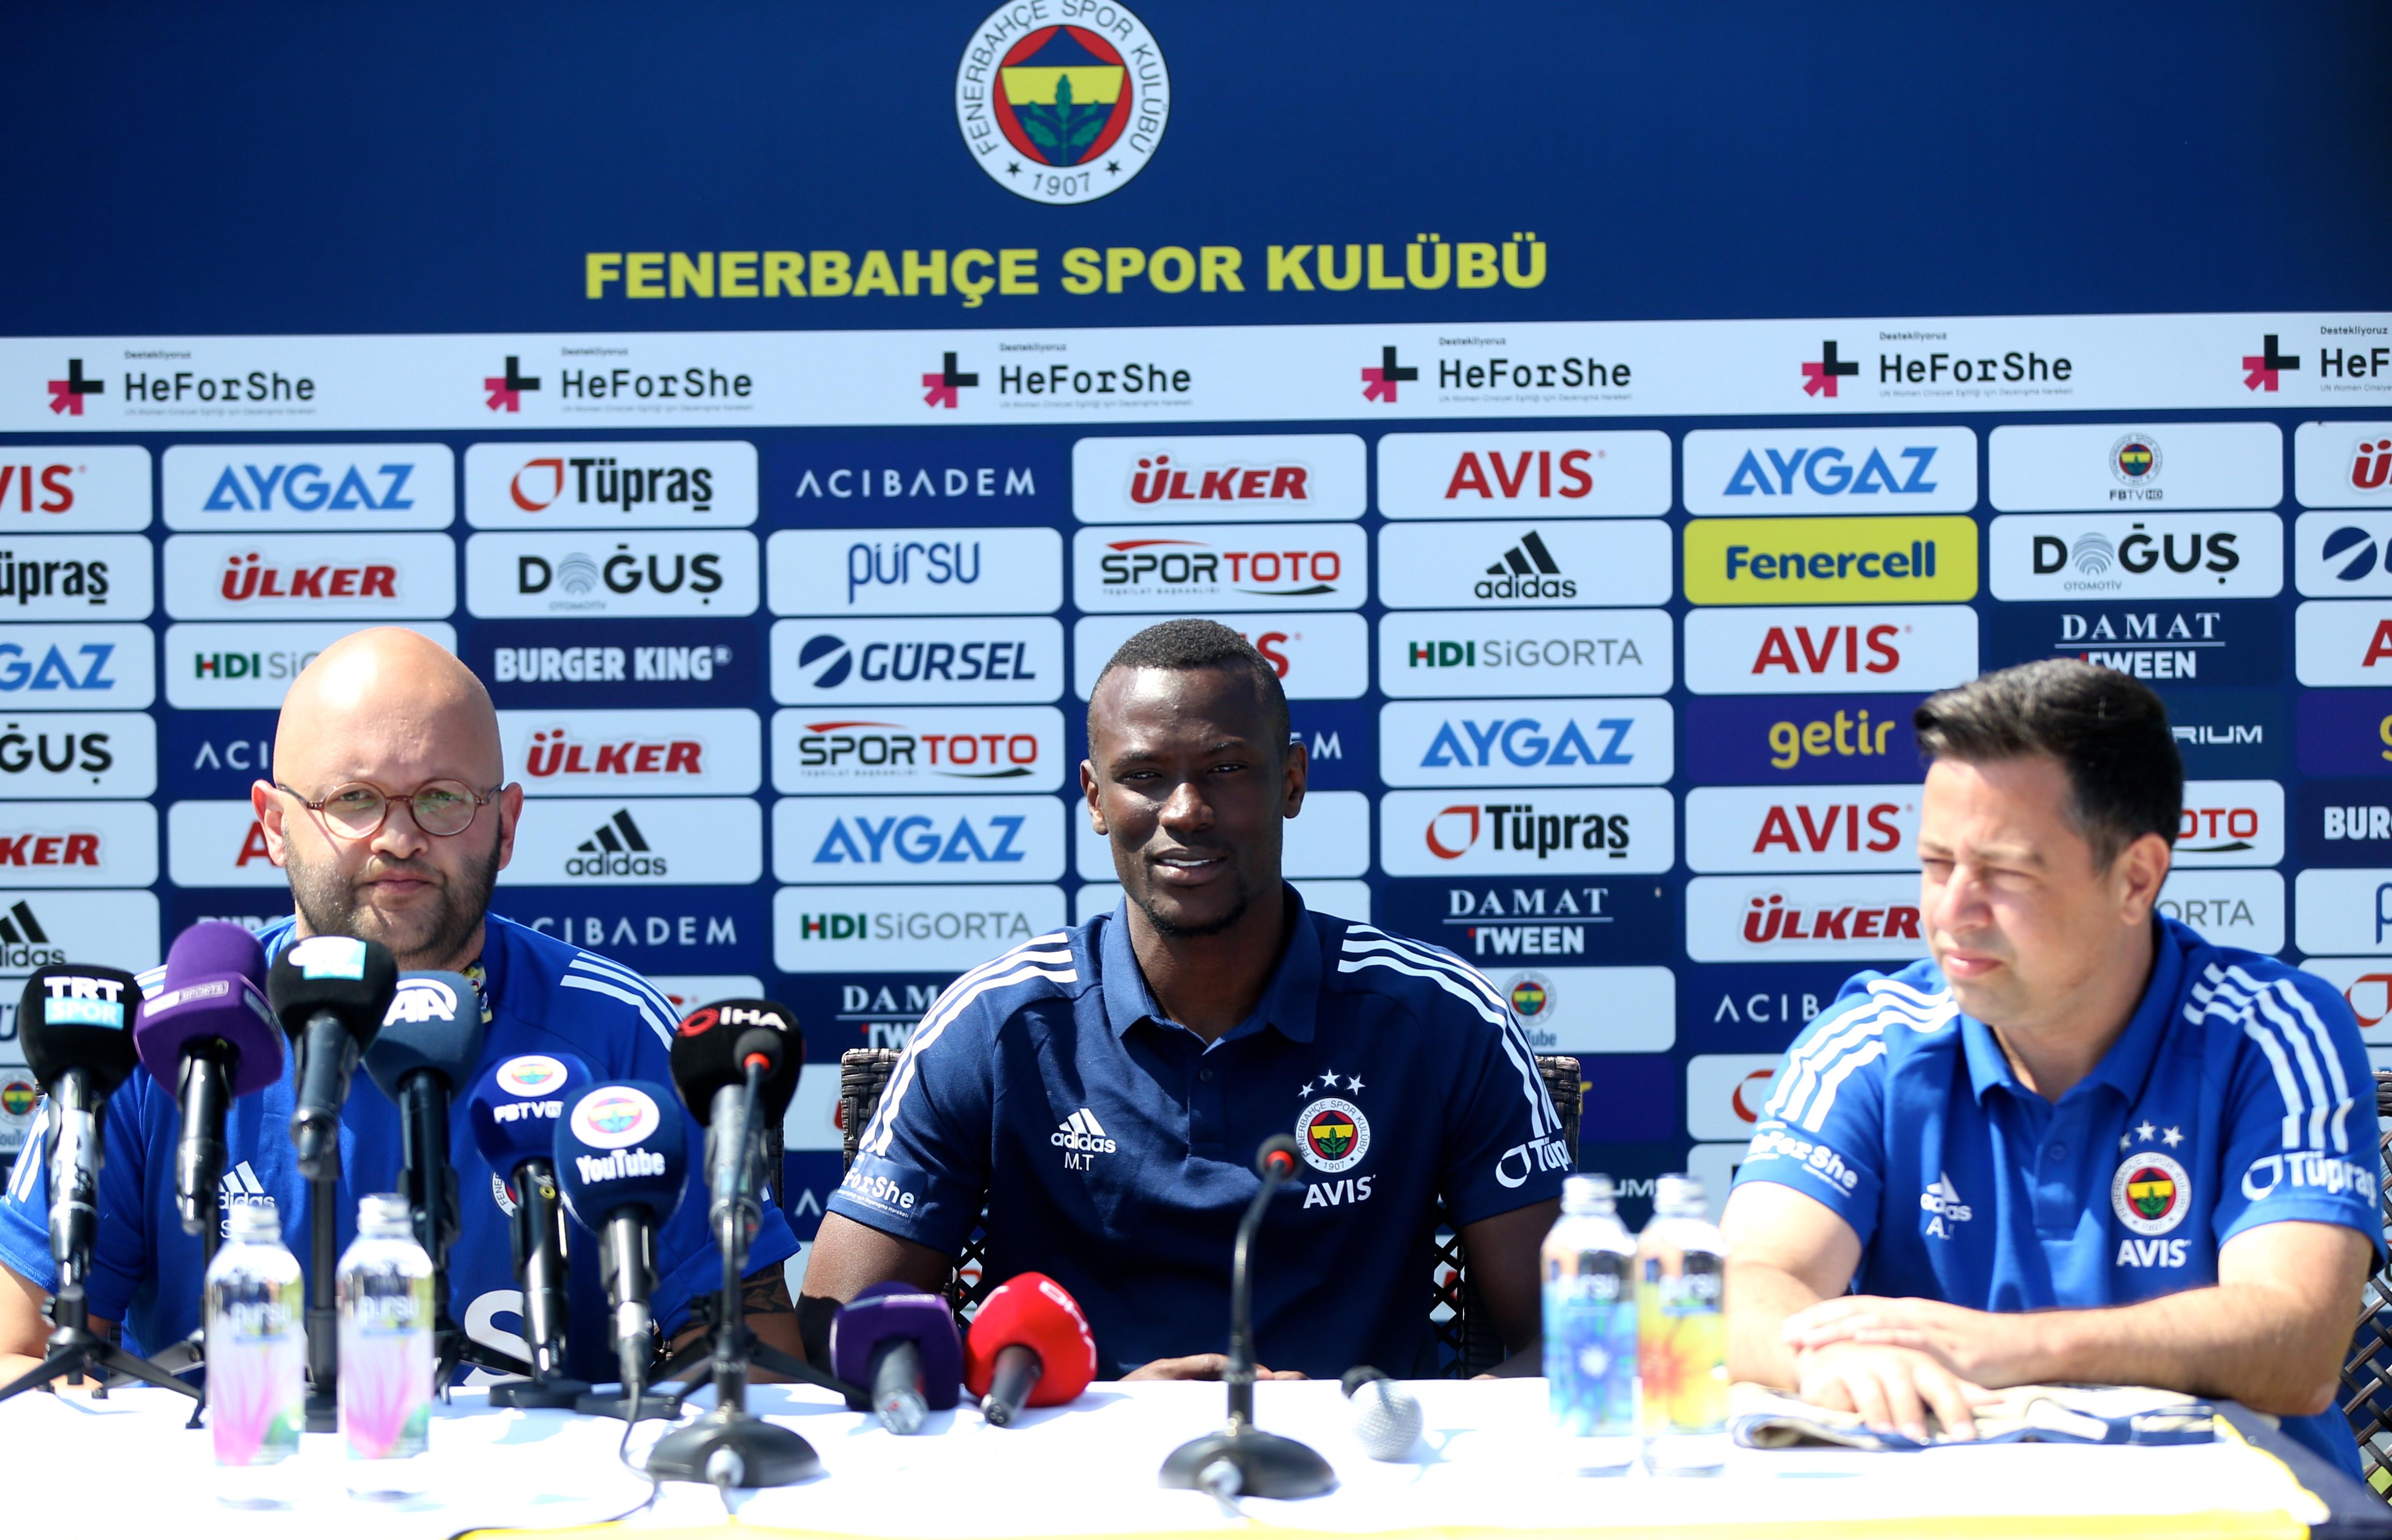 """Mame Thiam: """"Fenerbahçe her zaman büyük bir takımdır"""""""